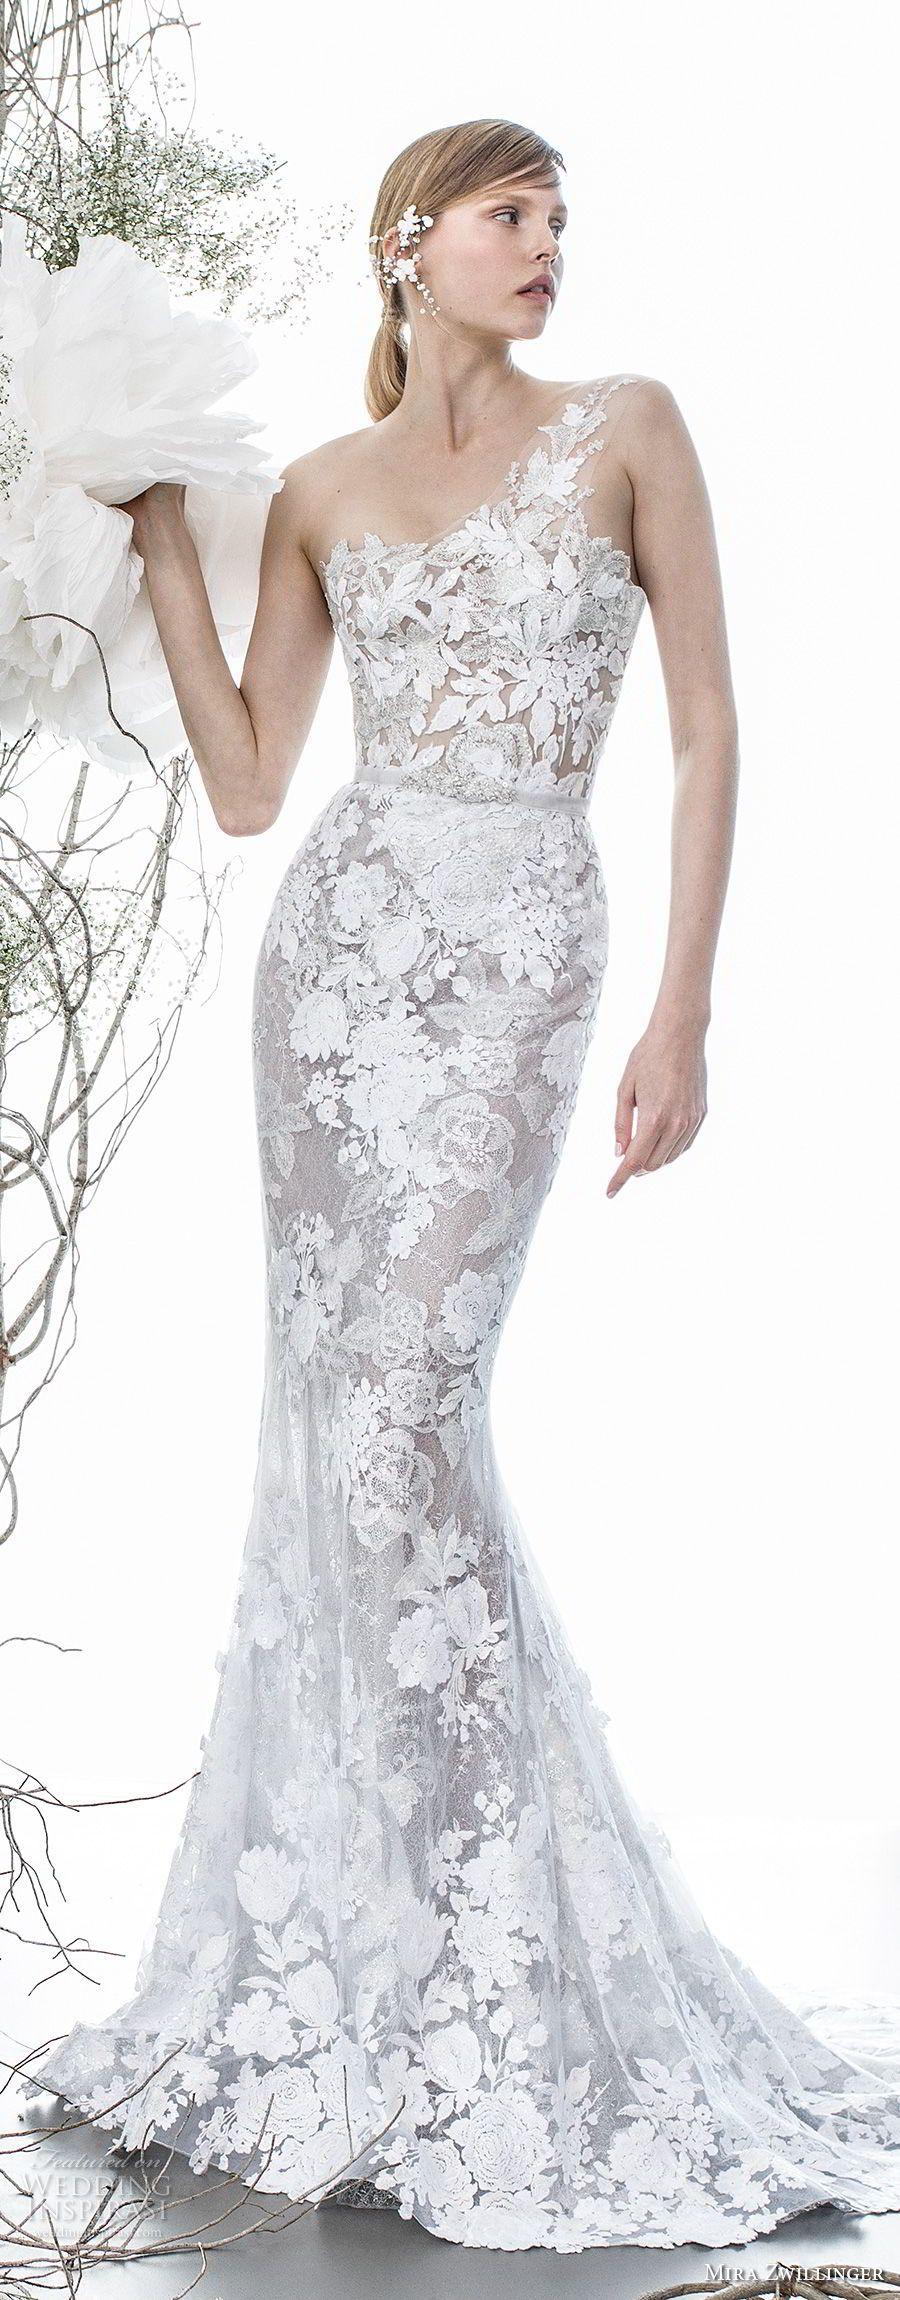 Elegant fitted wedding dresses  Mira Zwillinger  Wedding Dresses u ucOver the Rainbowud Bridal